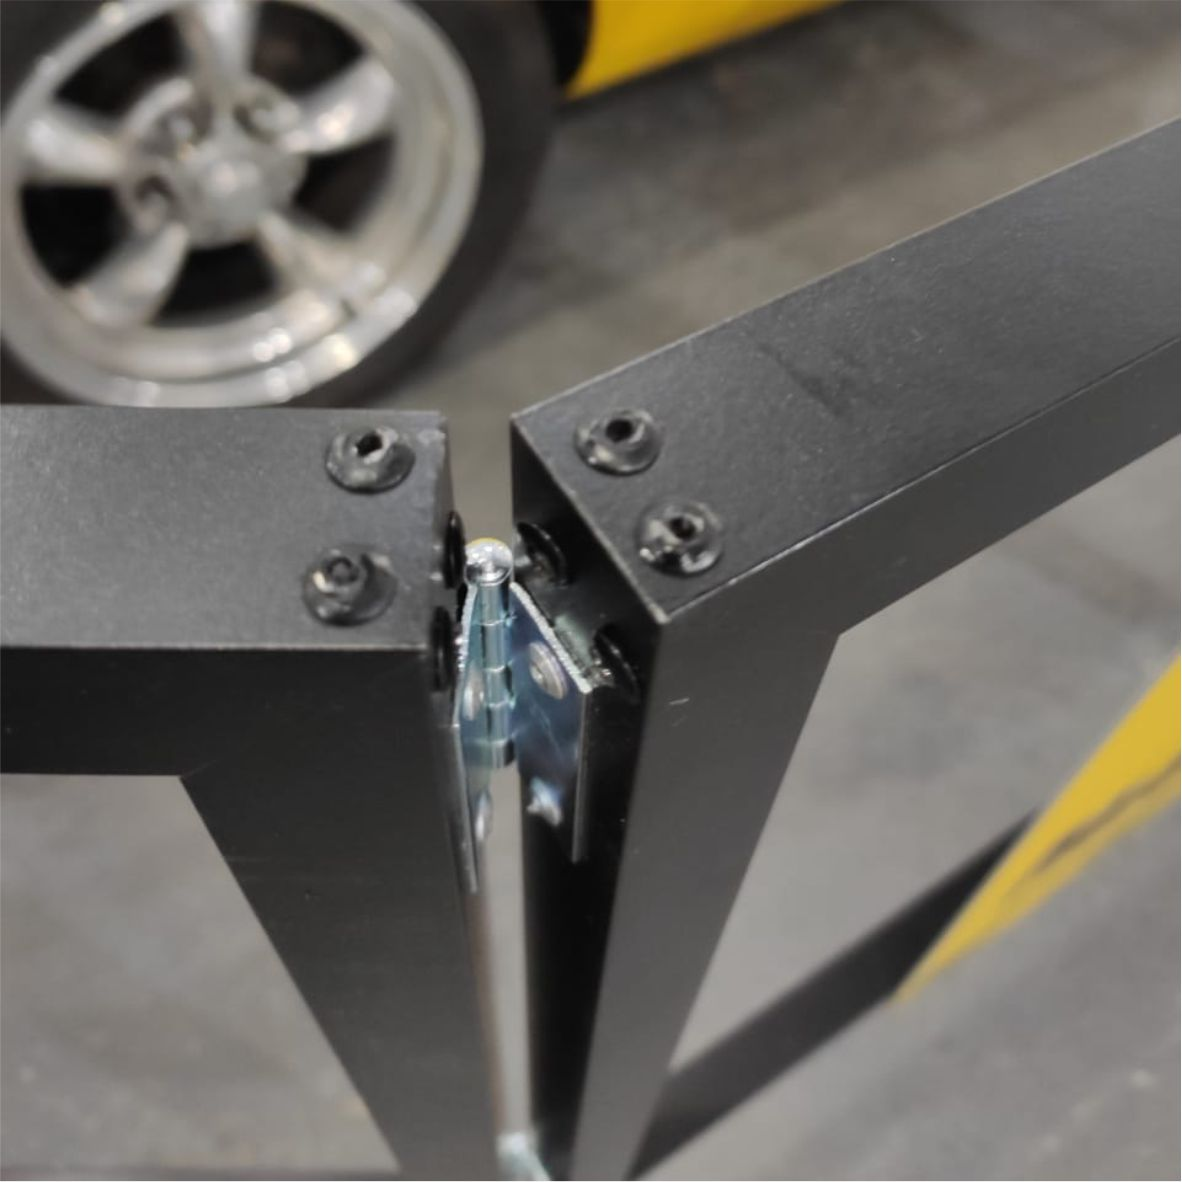 Cavalete biombo - Máquina em conserto  - Towbar Sinalização de Segurança